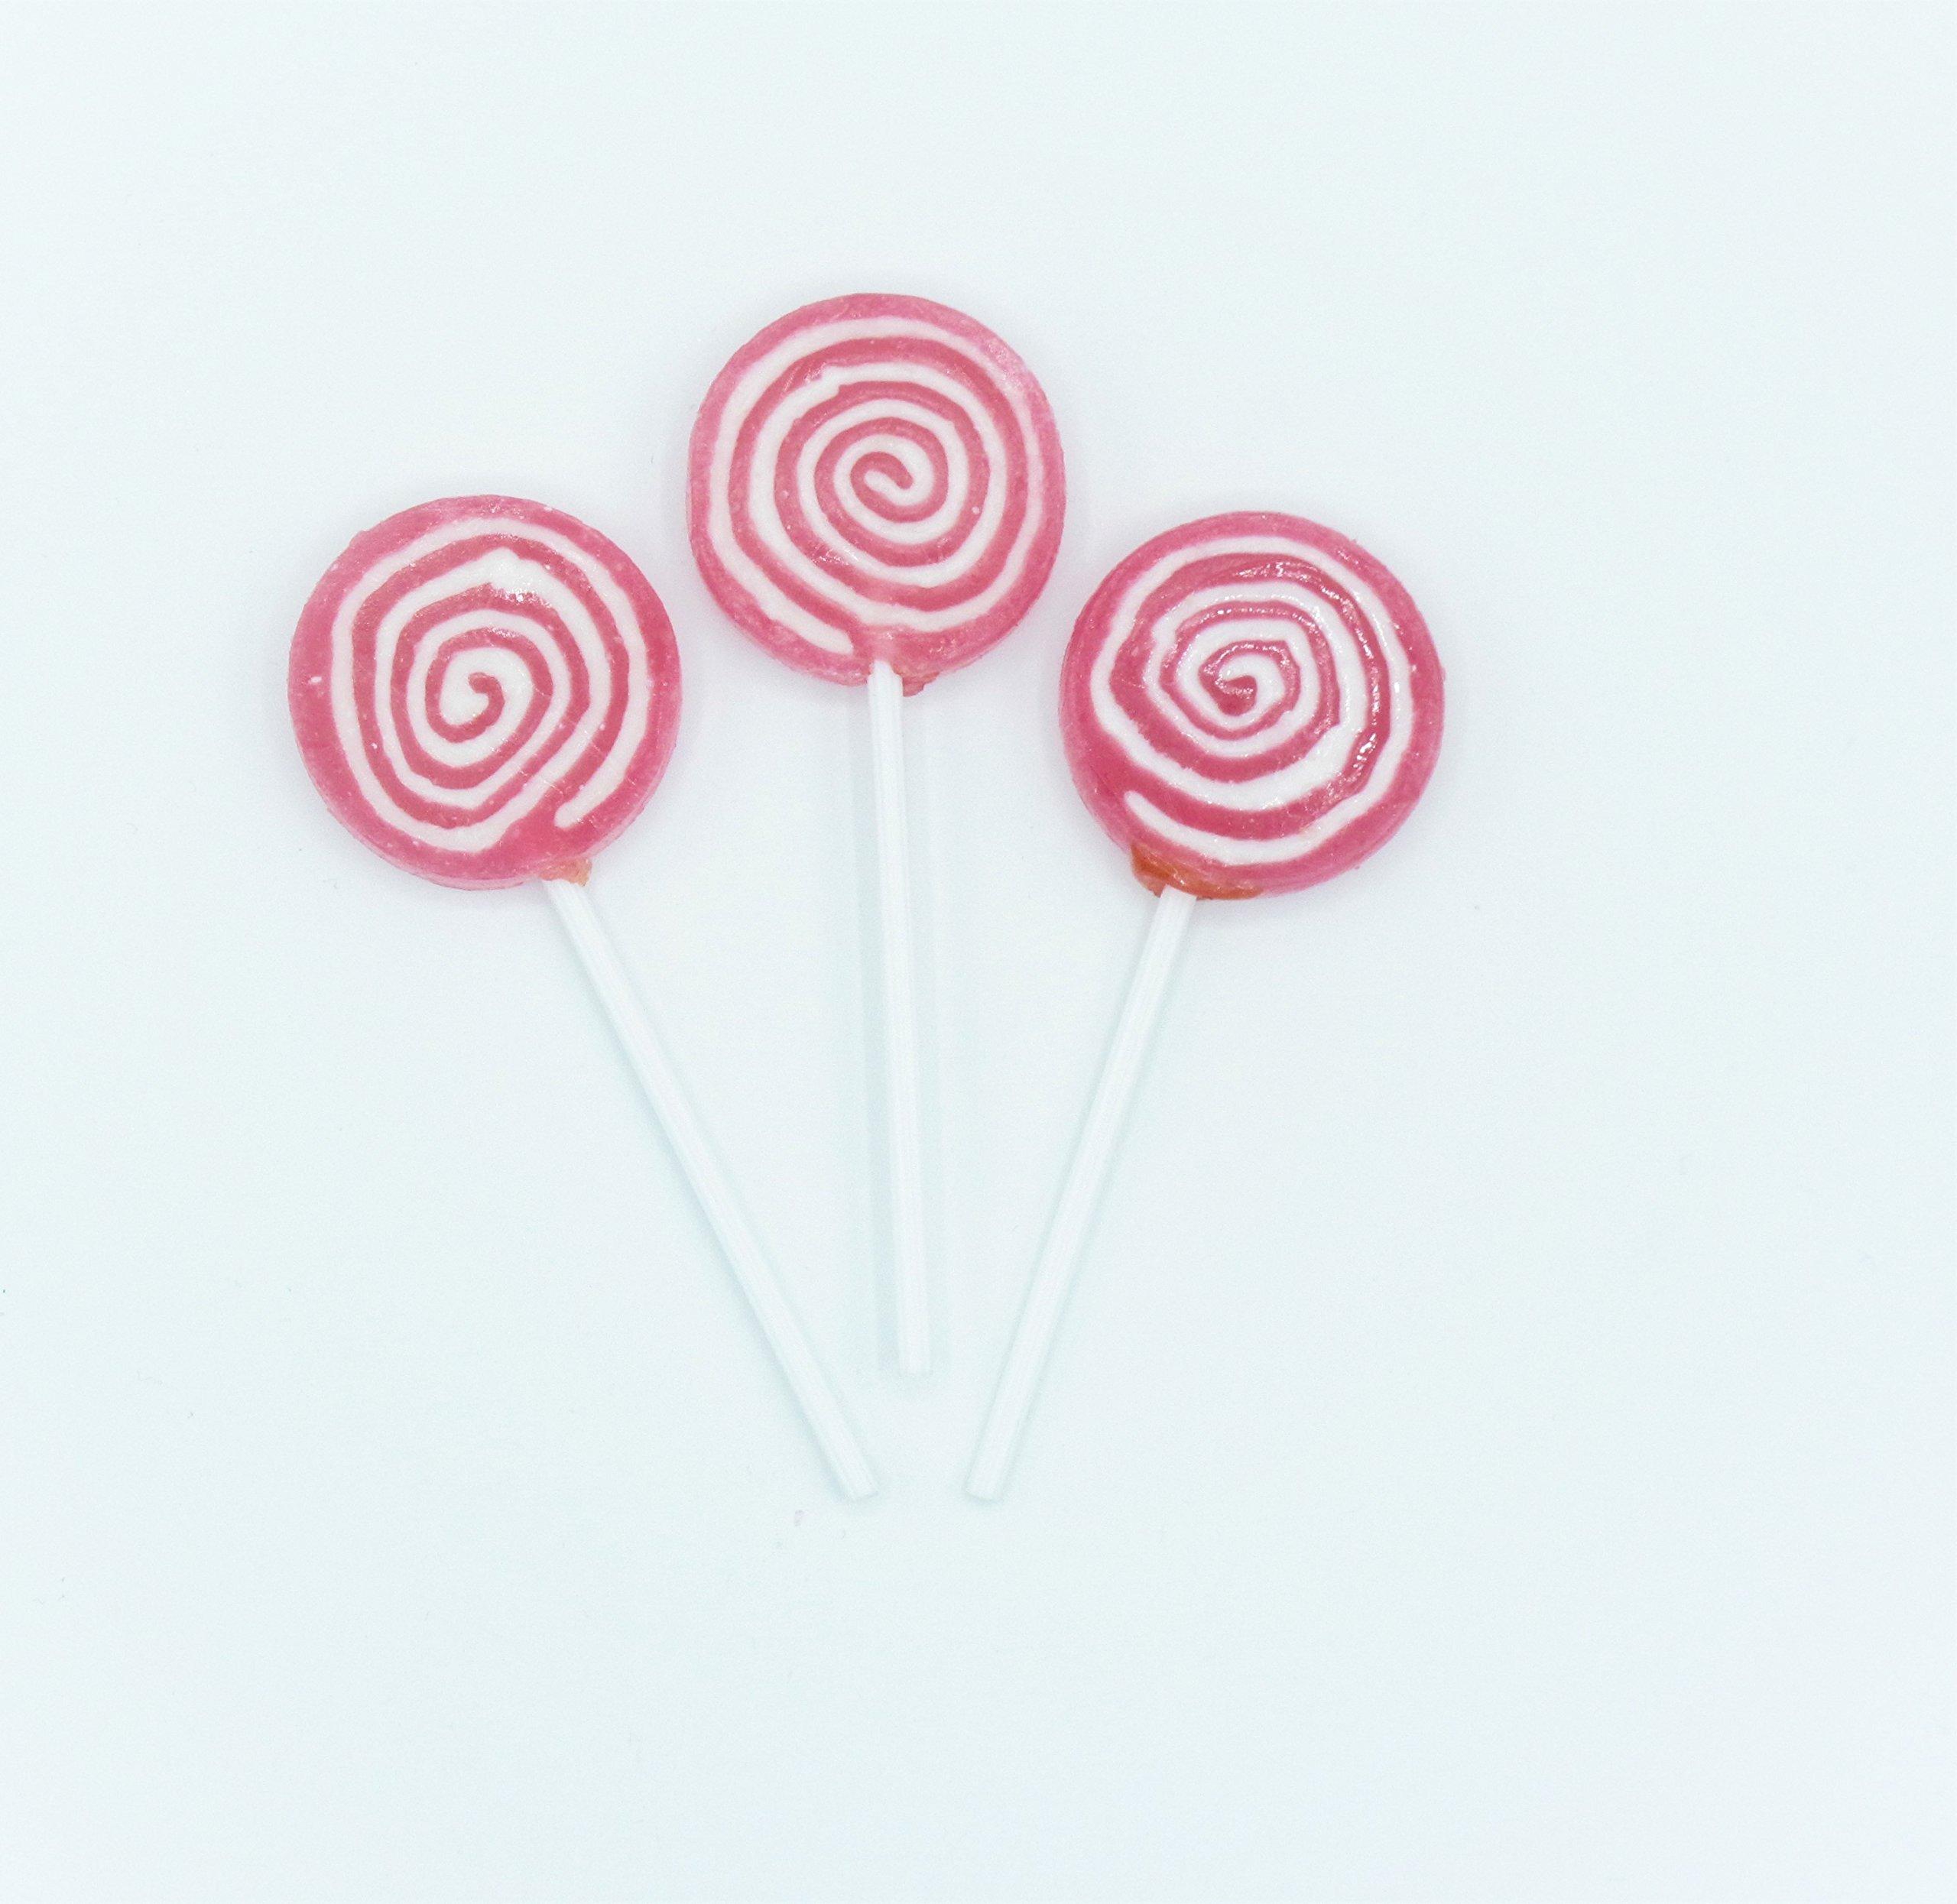 Candy Shop Pink Swirl Lollipops - 42 Pieces (1 lb Bag)